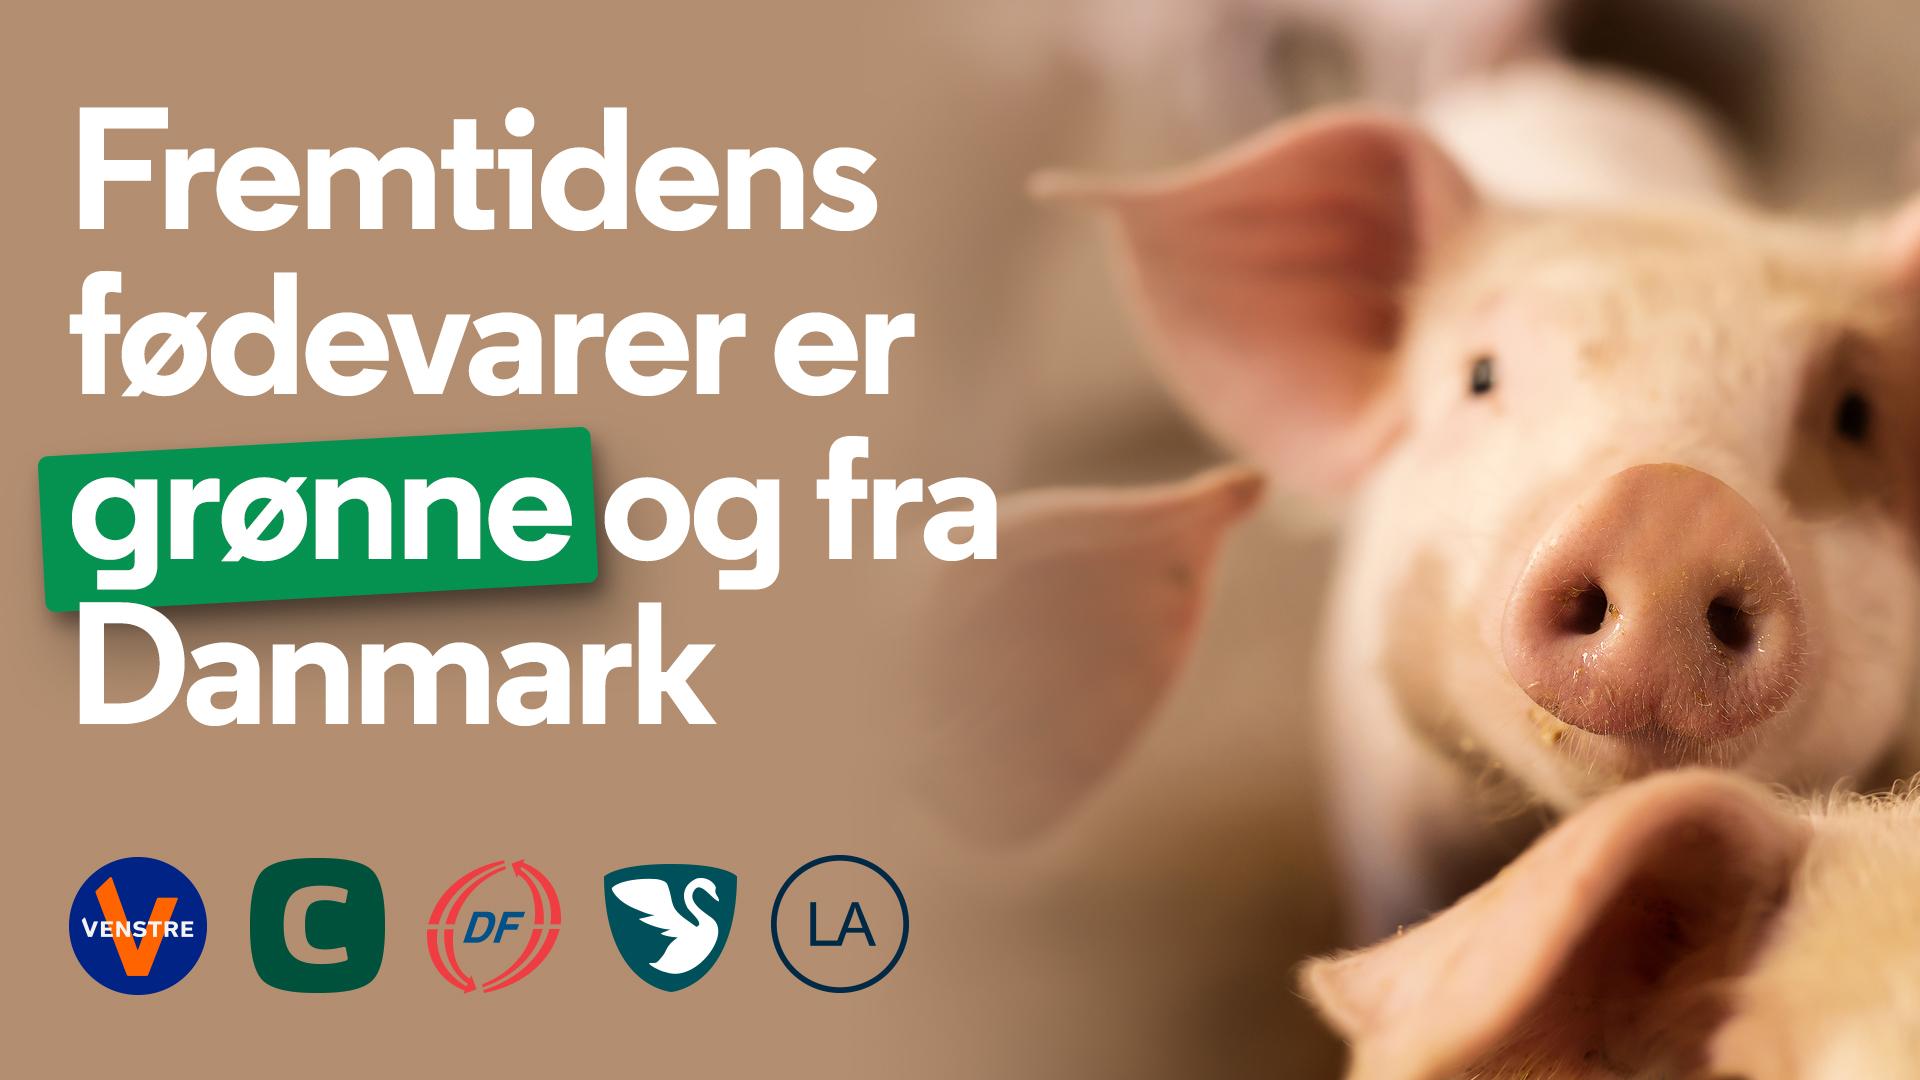 Venstres politiske udspil vil sikre, at fremtidens fødevarer er grønne og fra Danmark.